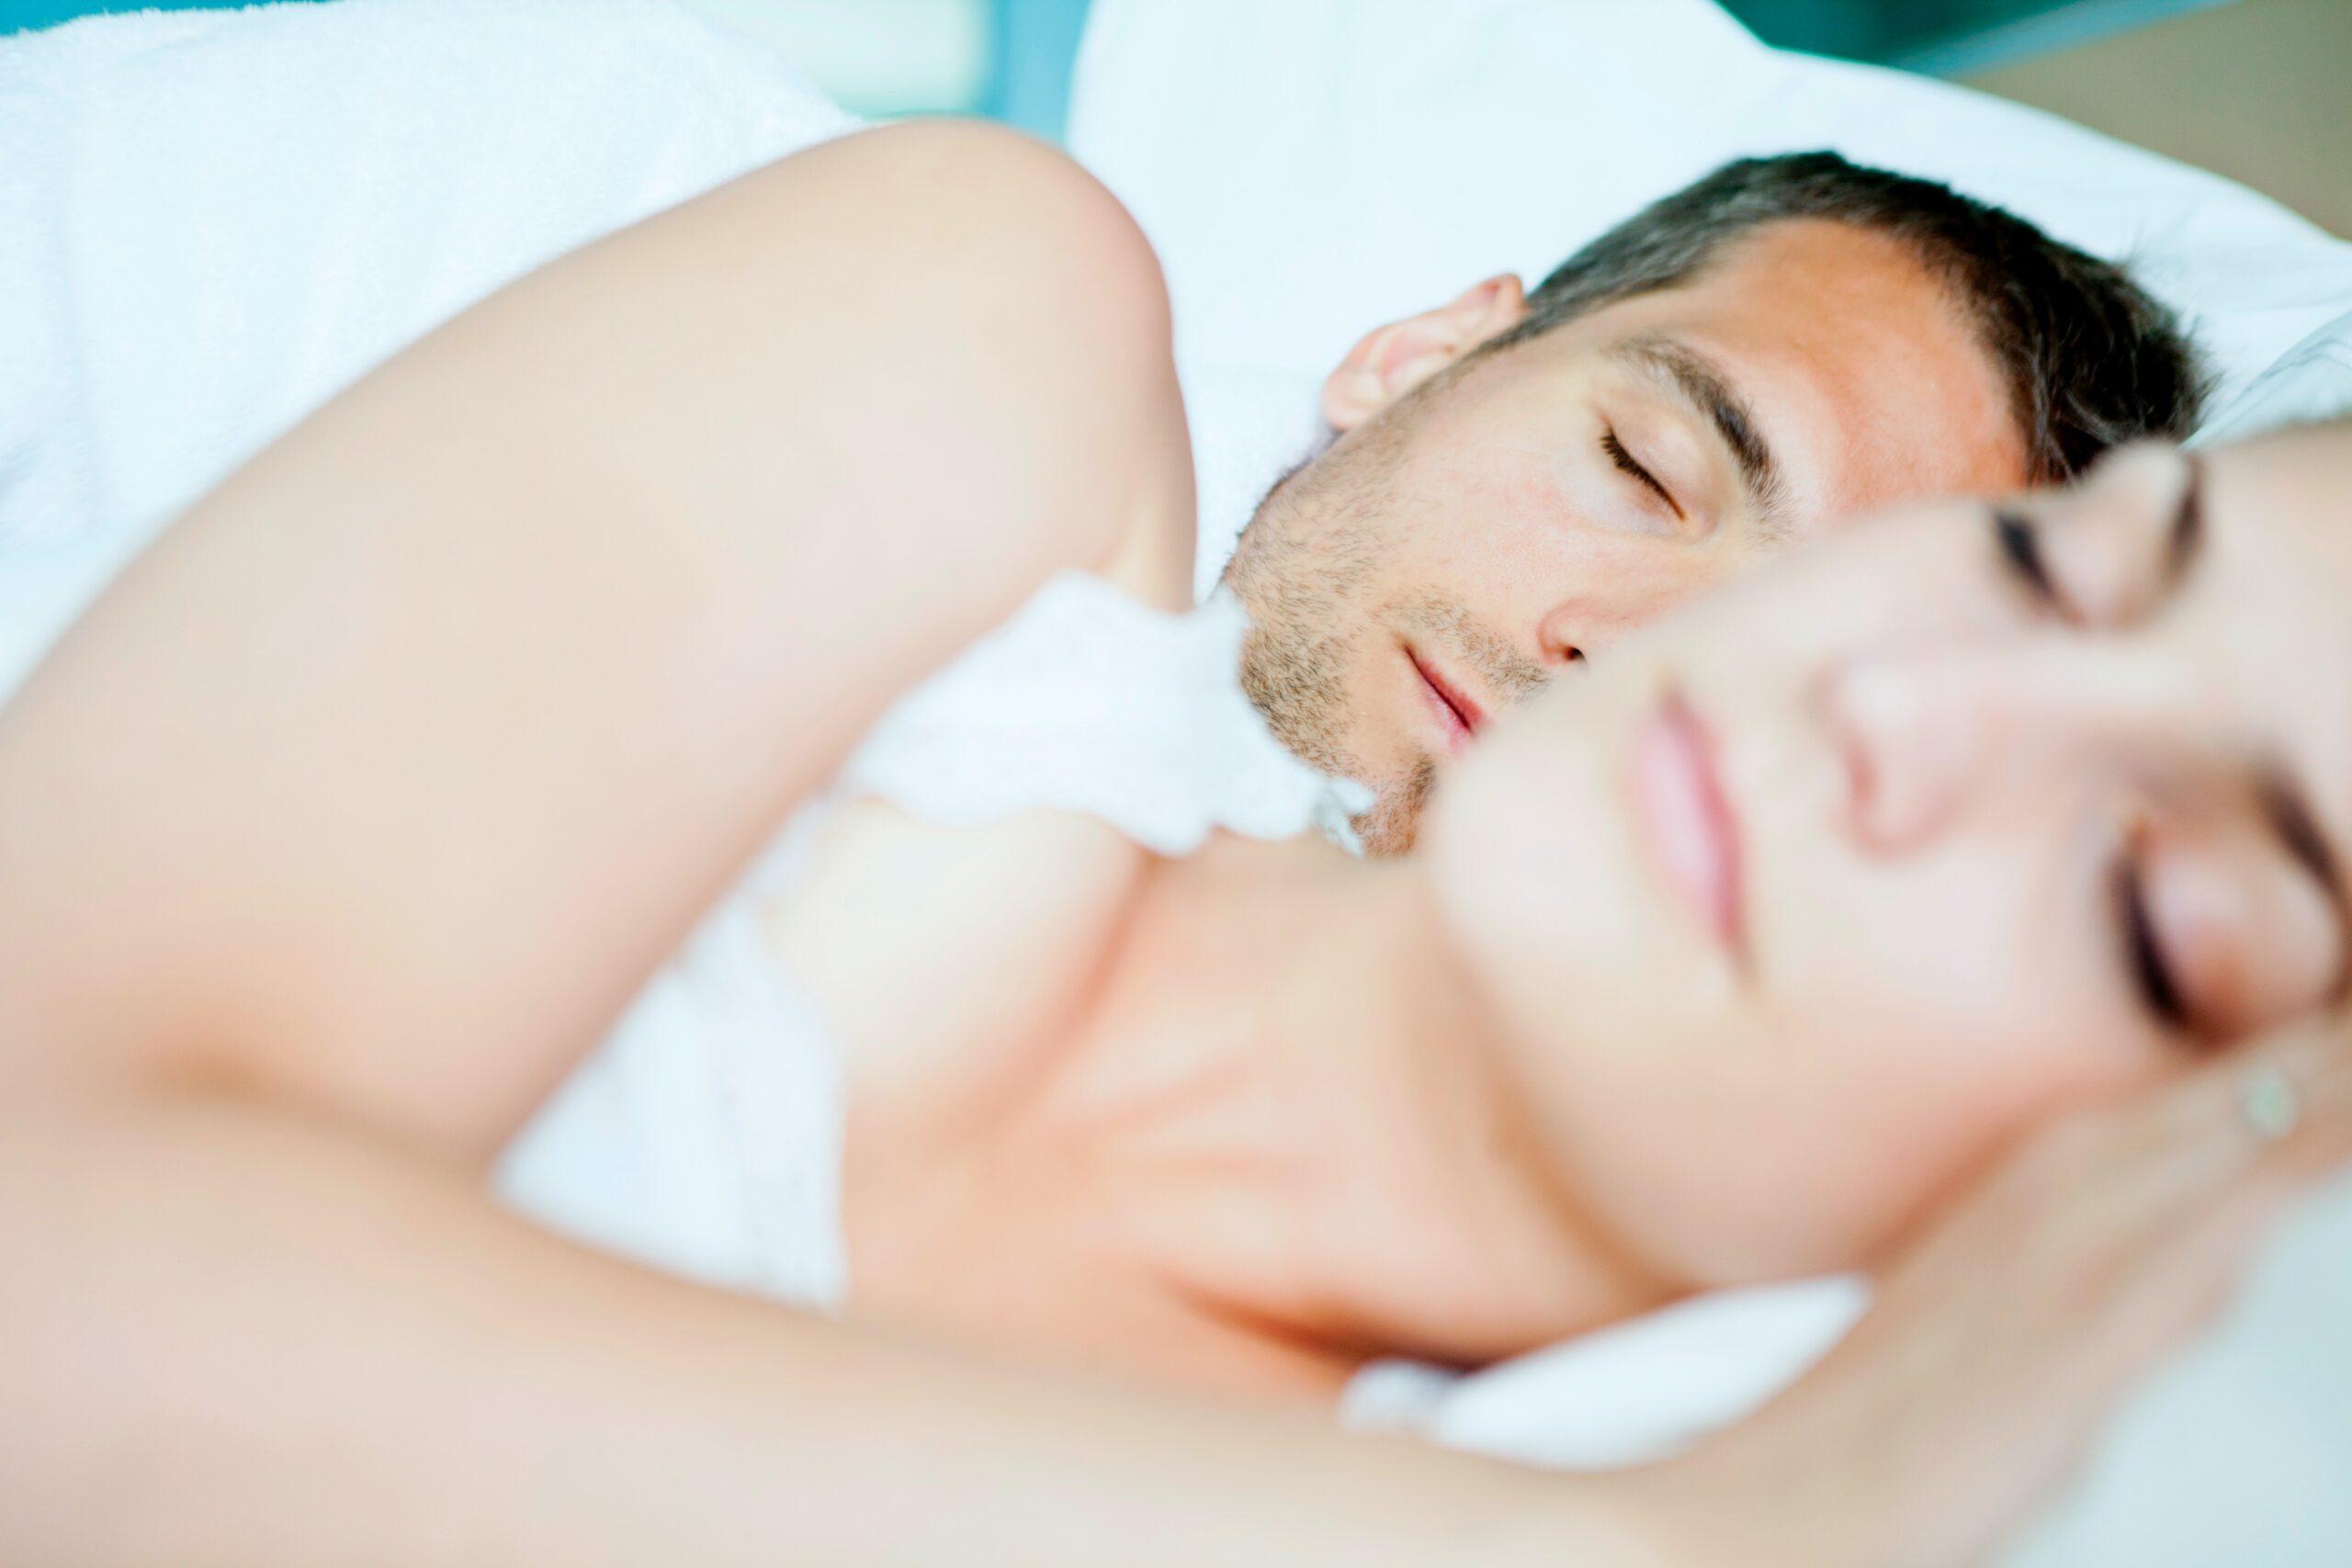 Quelle thérapie contre les troubles du sommeil ?